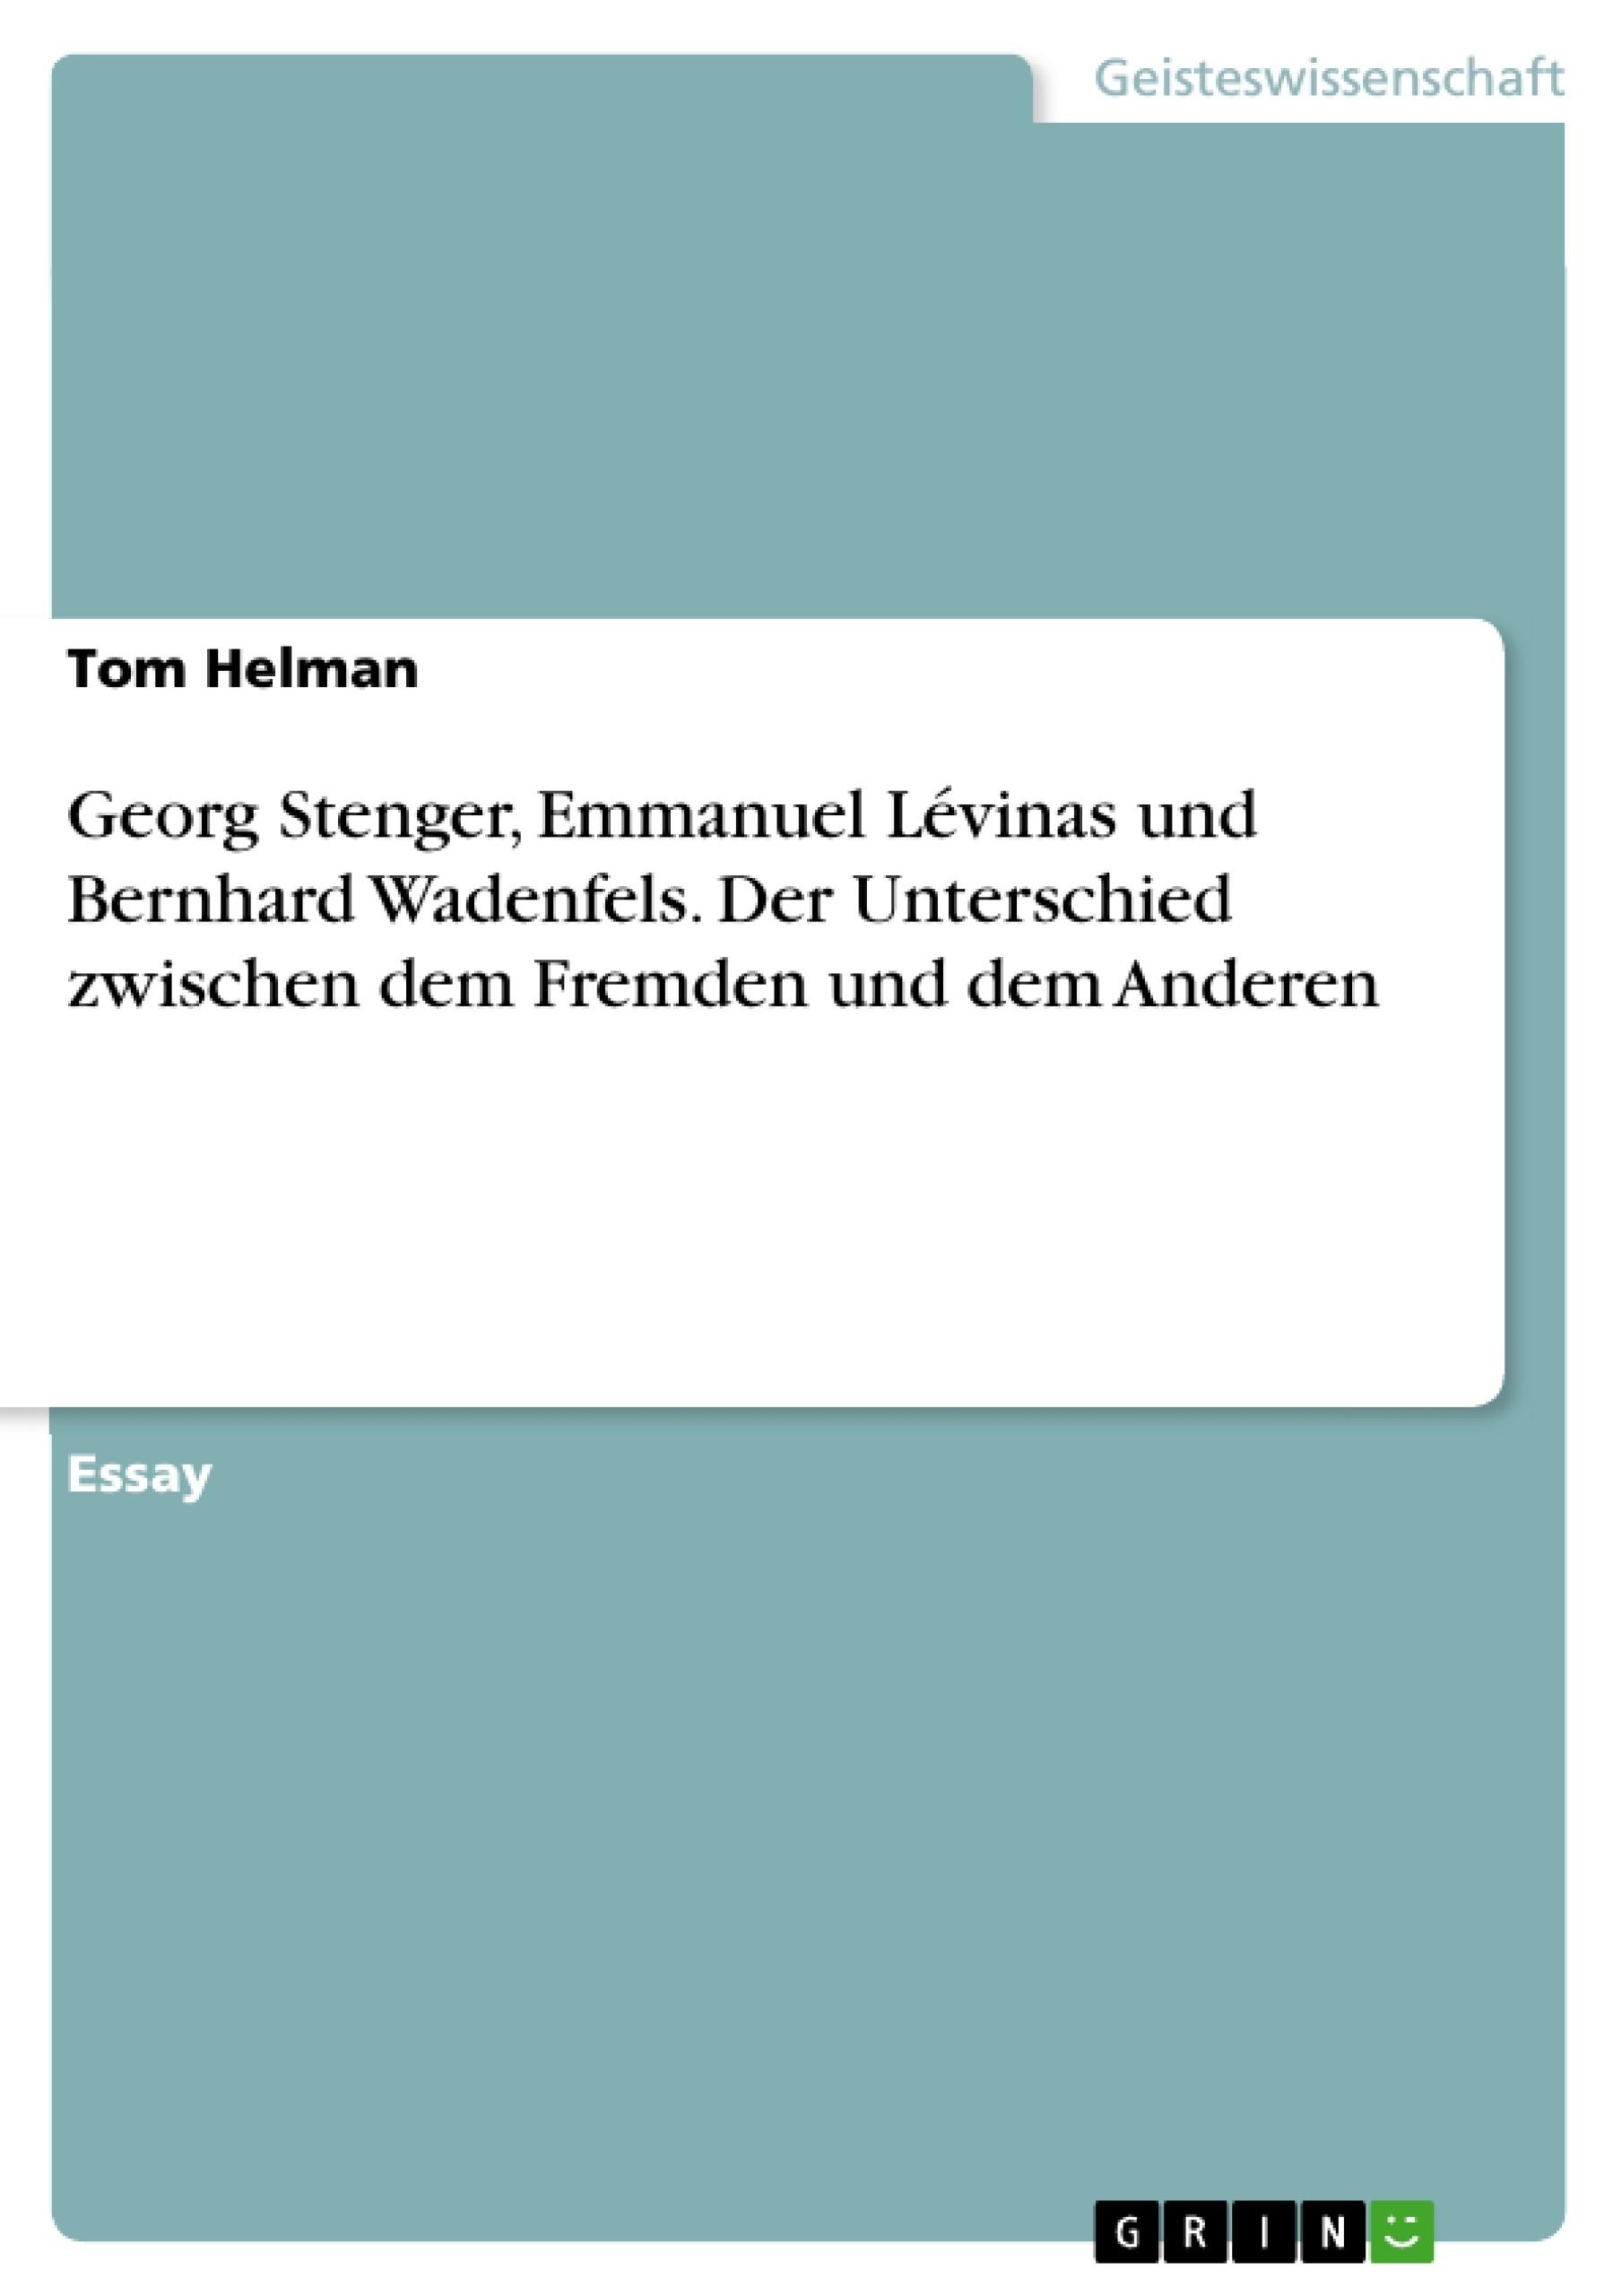 Titel: Georg Stenger, Emmanuel Lévinas und Bernhard Wadenfels. Der Unterschied zwischen dem Fremden und dem Anderen